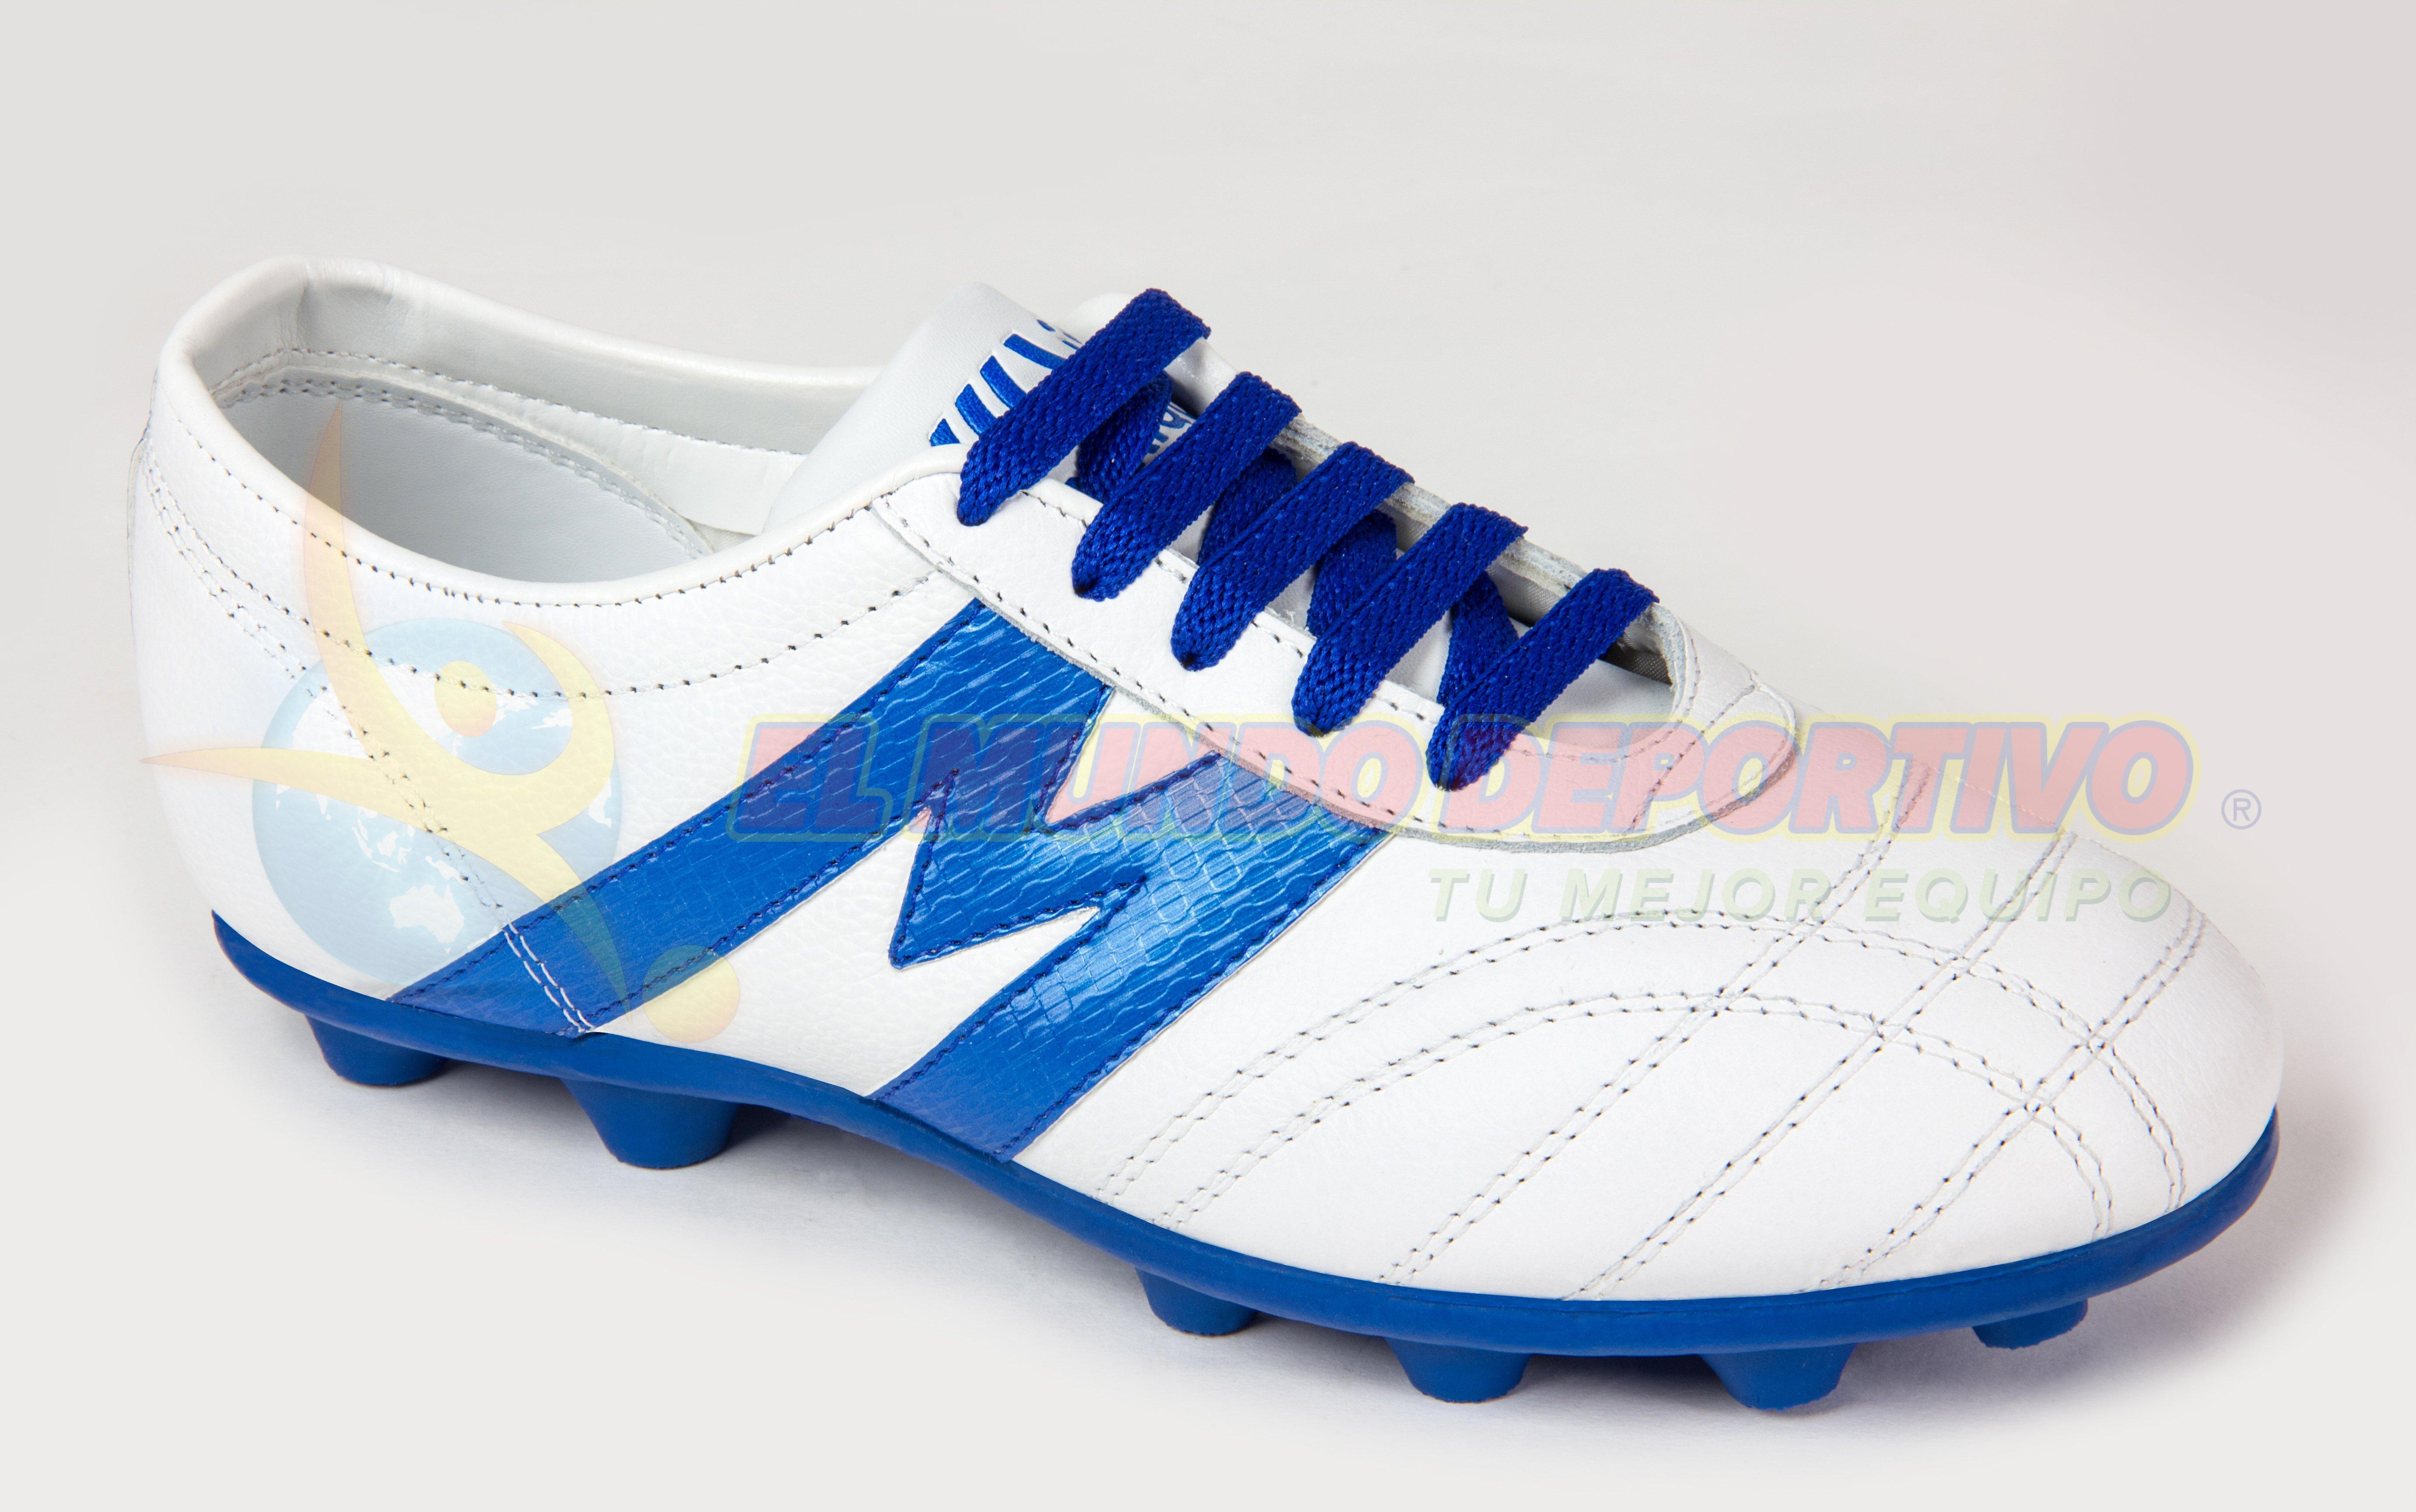 Inicio Tienda Tacos Fútbol Superficie Dura (Tierra) Modernos Zapato futbol  Manriquez MID TX bco rey 2d38edb10d220